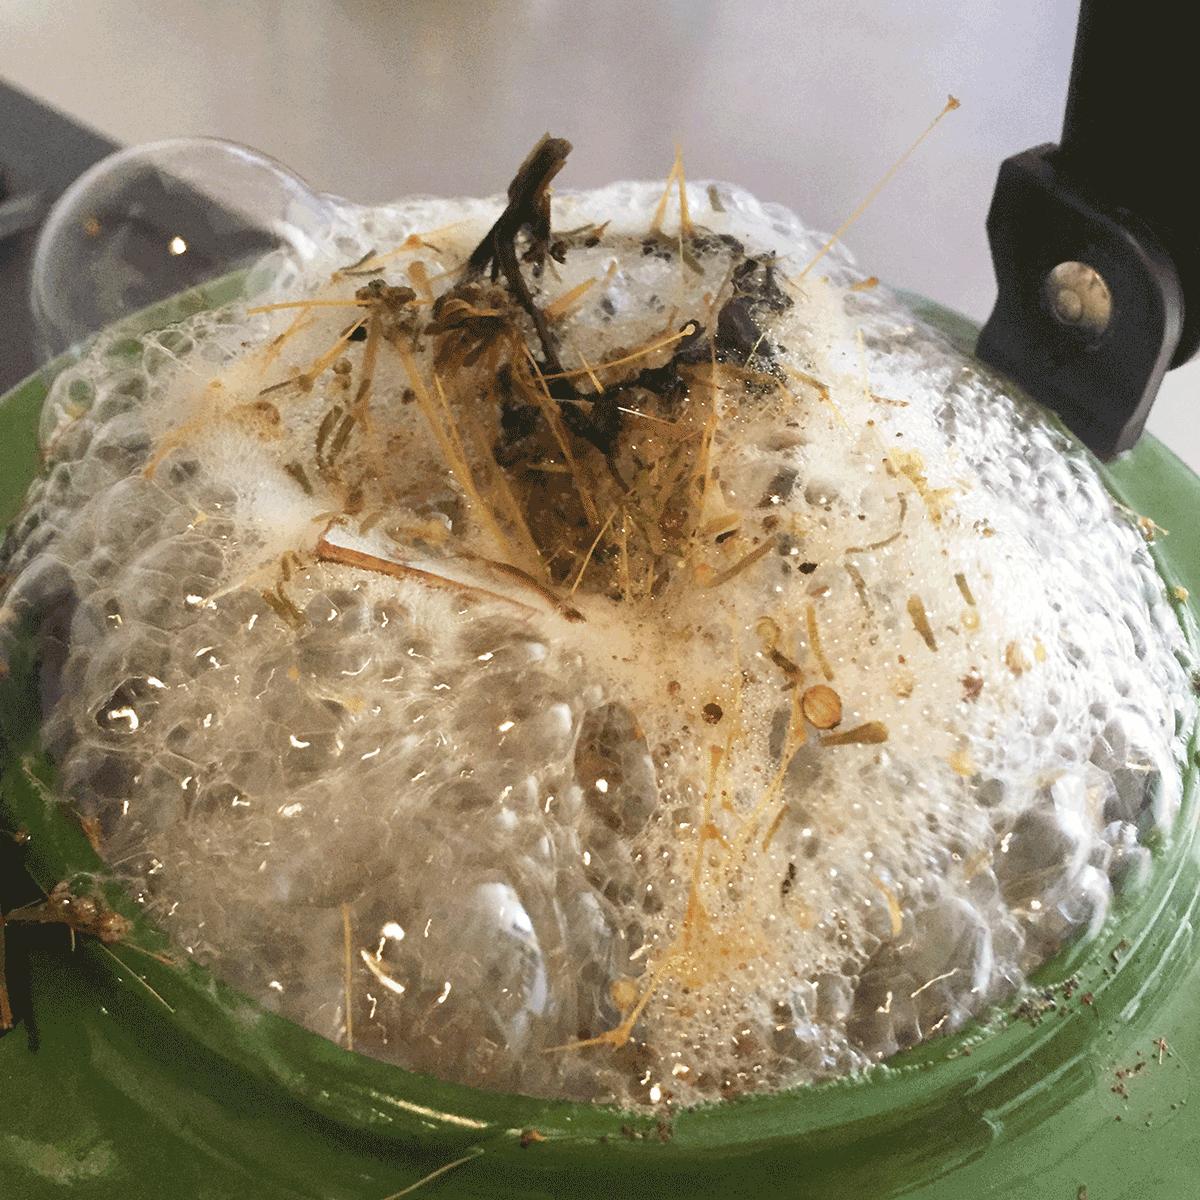 沸騰して溢れんばかりのパスパングワ